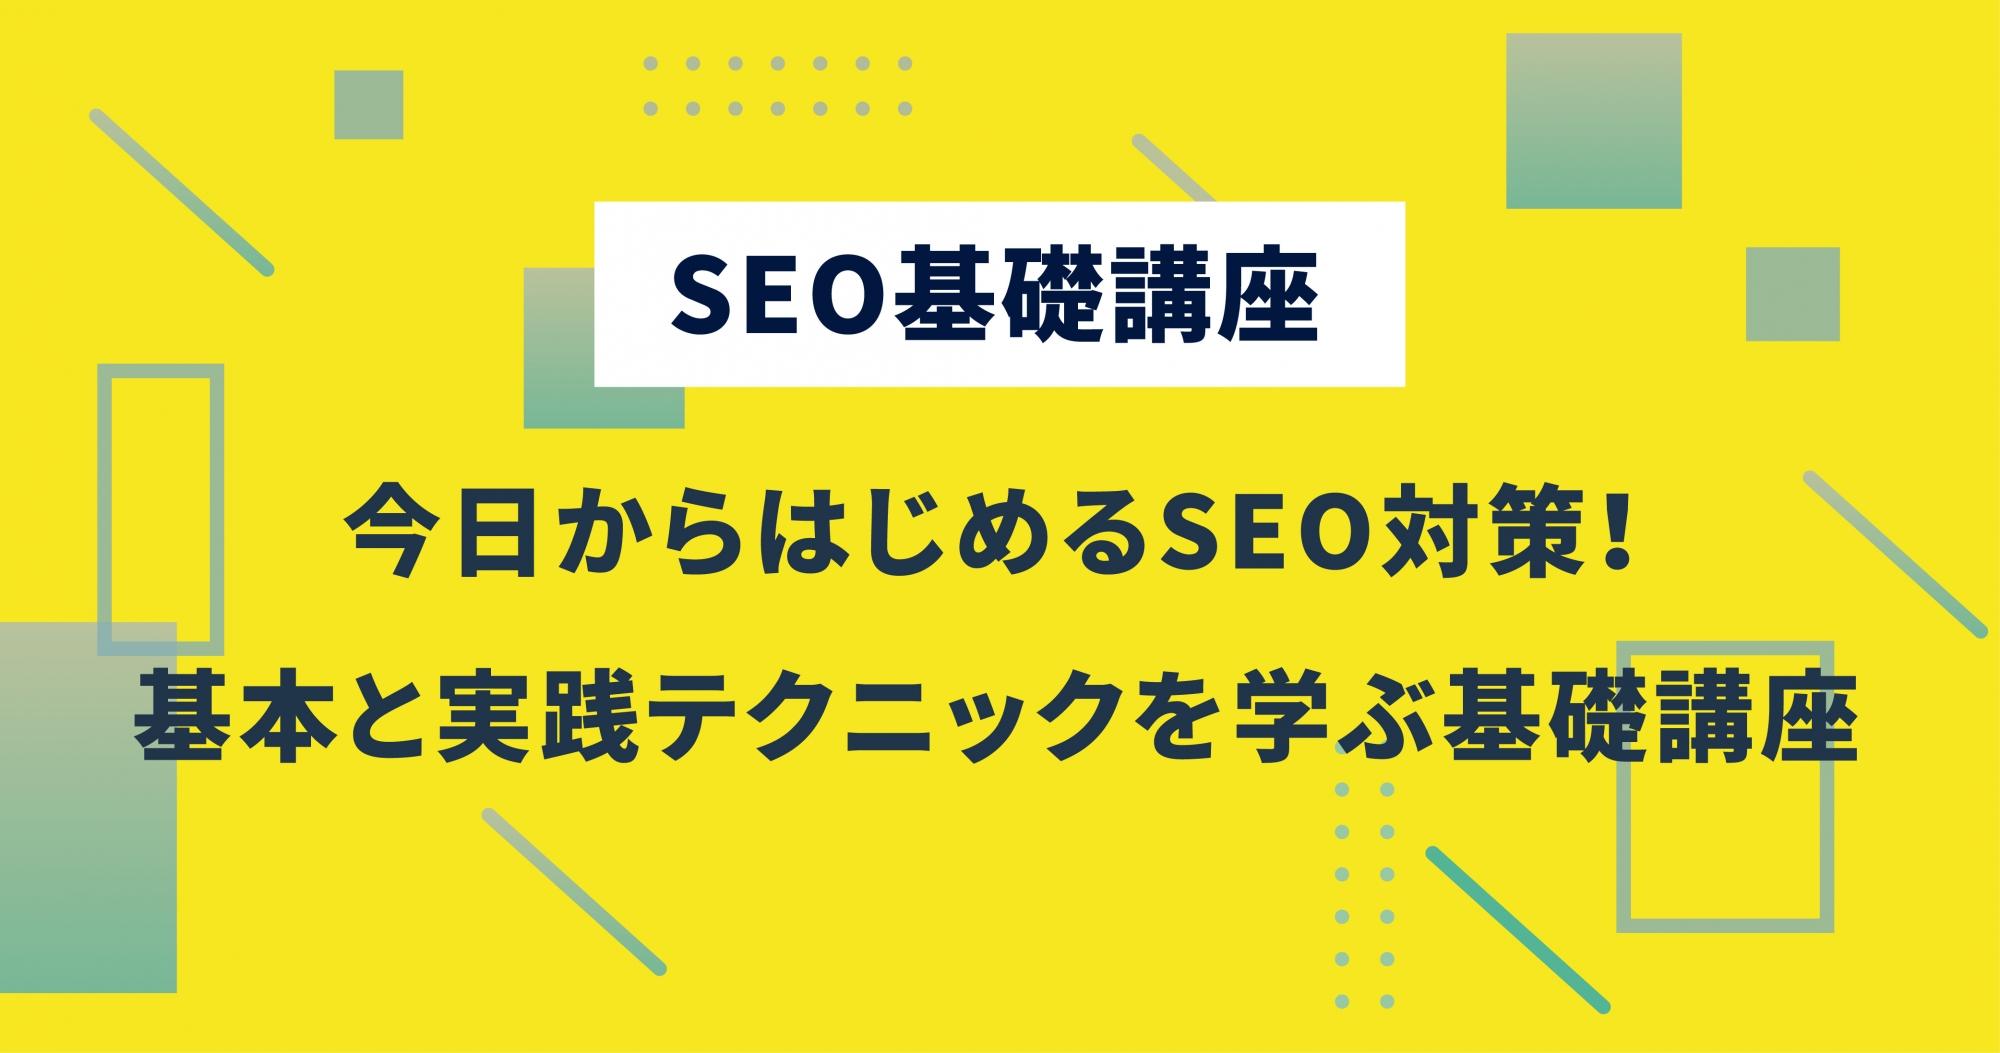 【4月8日(木)】[SEO基礎講座]今日からはじめるSEO対策!基本と実践テクニックを学ぶ基礎講座